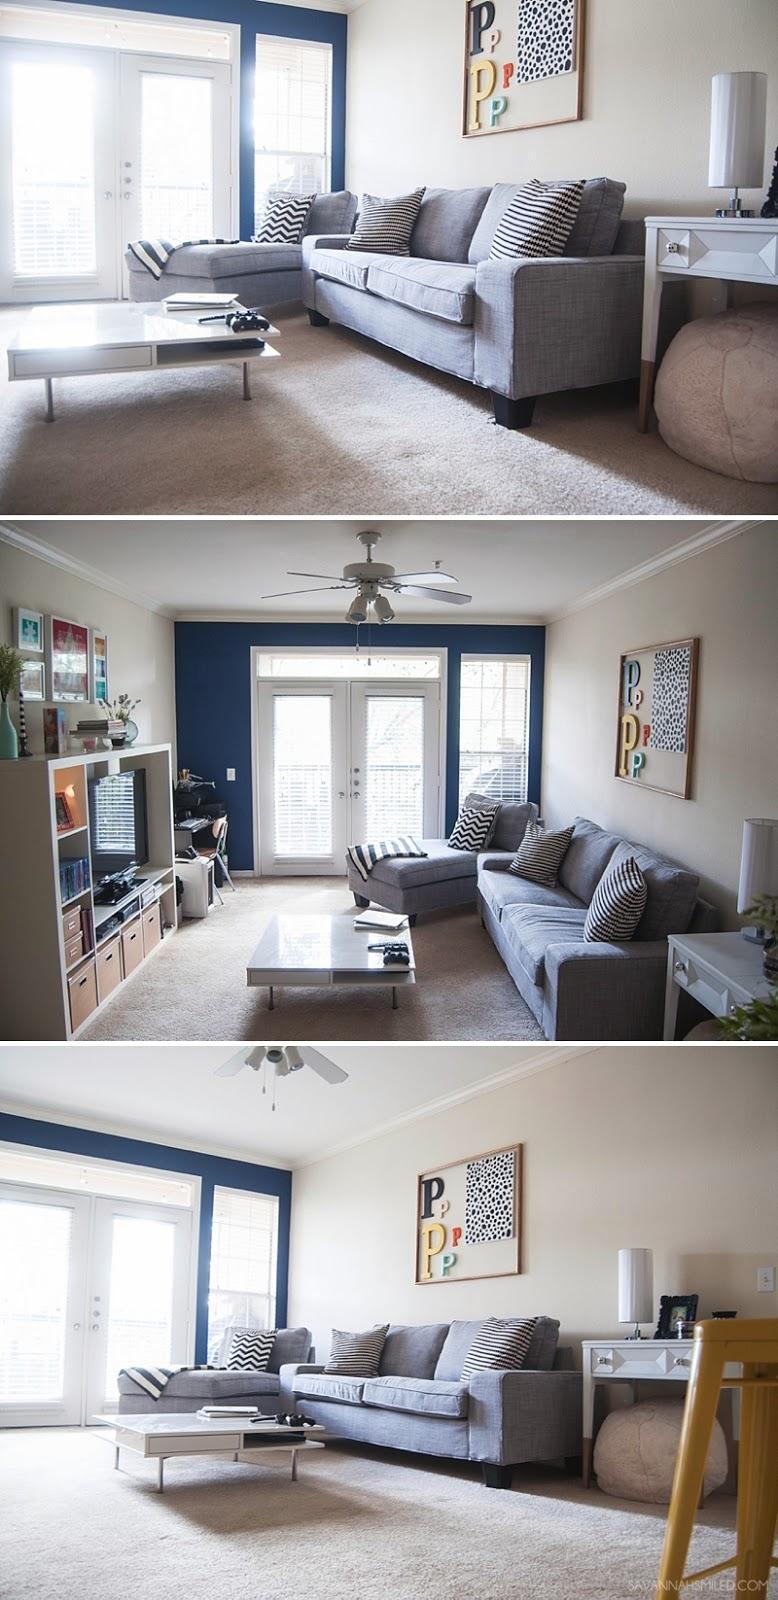 ikea-living-room-makeover-20.jpg